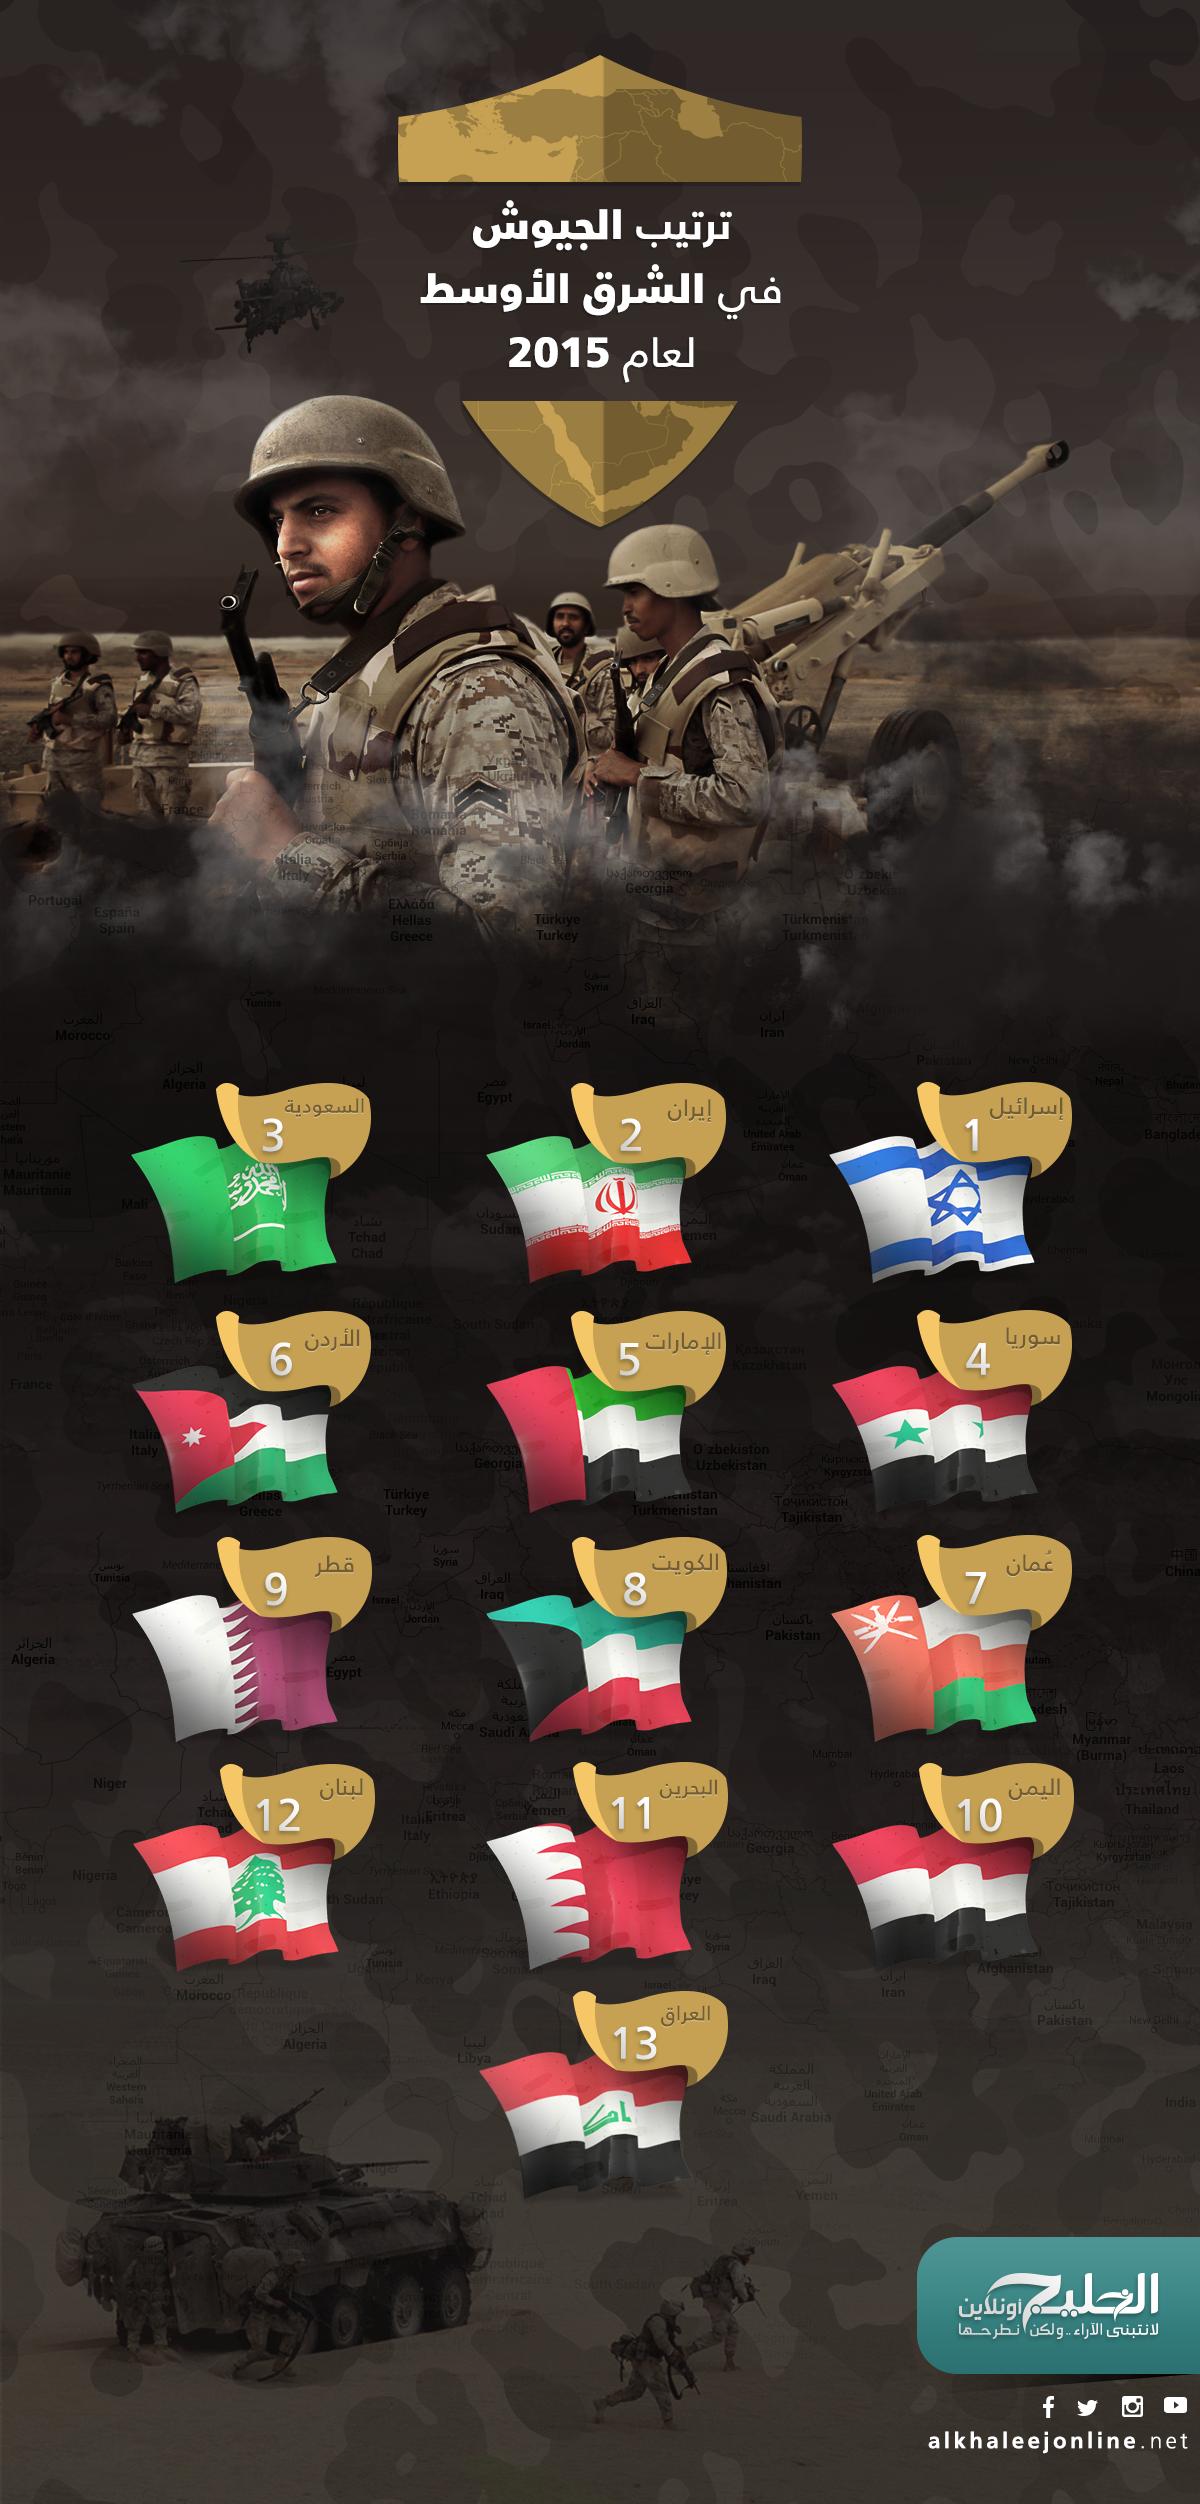 ترتيب-الجيوش-في-الشرق-الاوسط